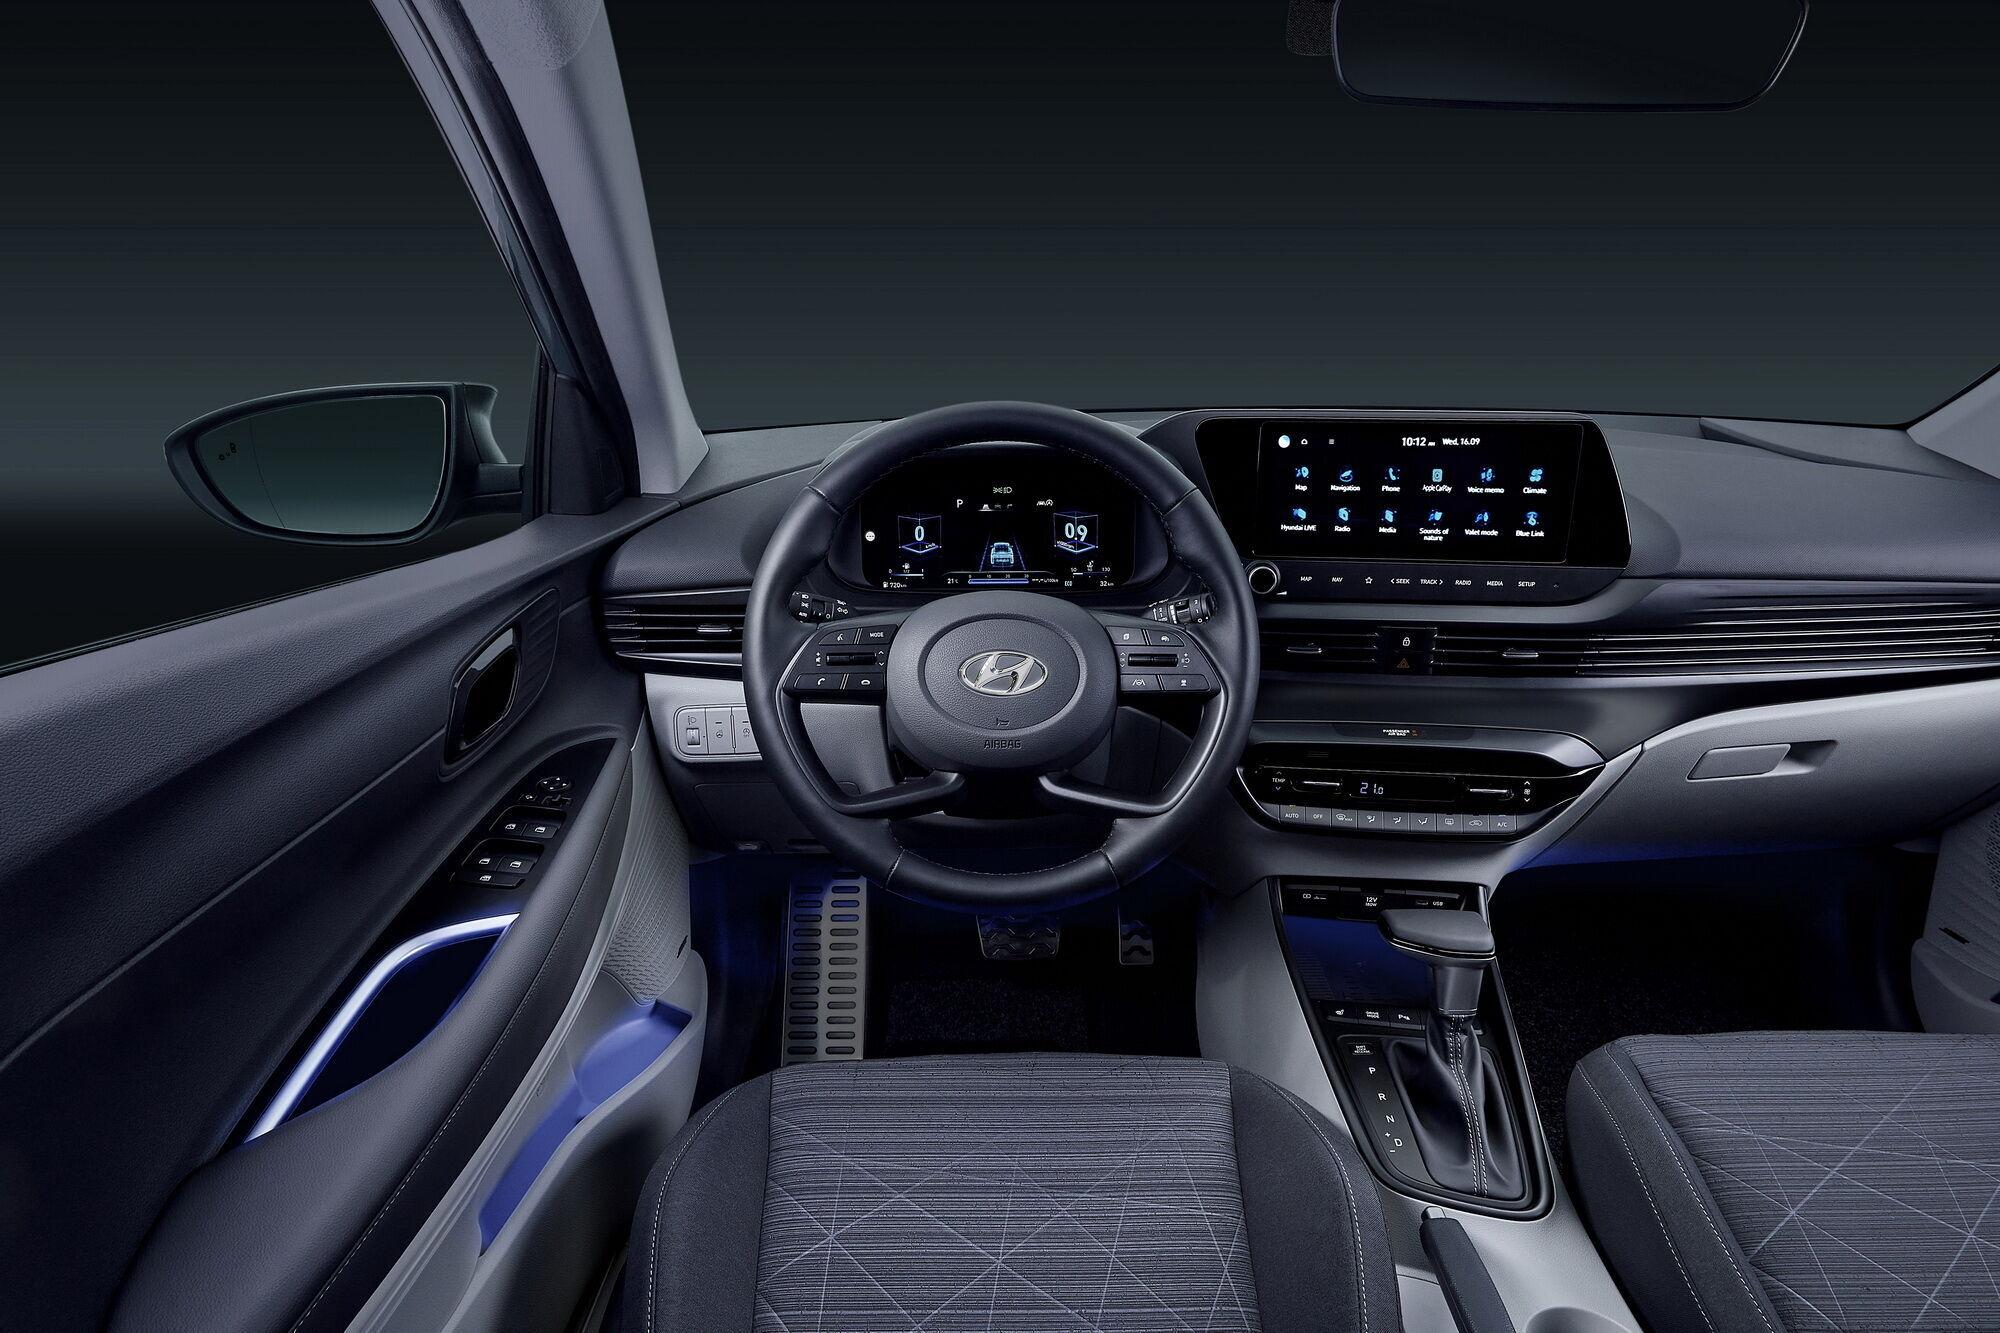 В салоне автомобиля нашли применение современные цифровые технологии